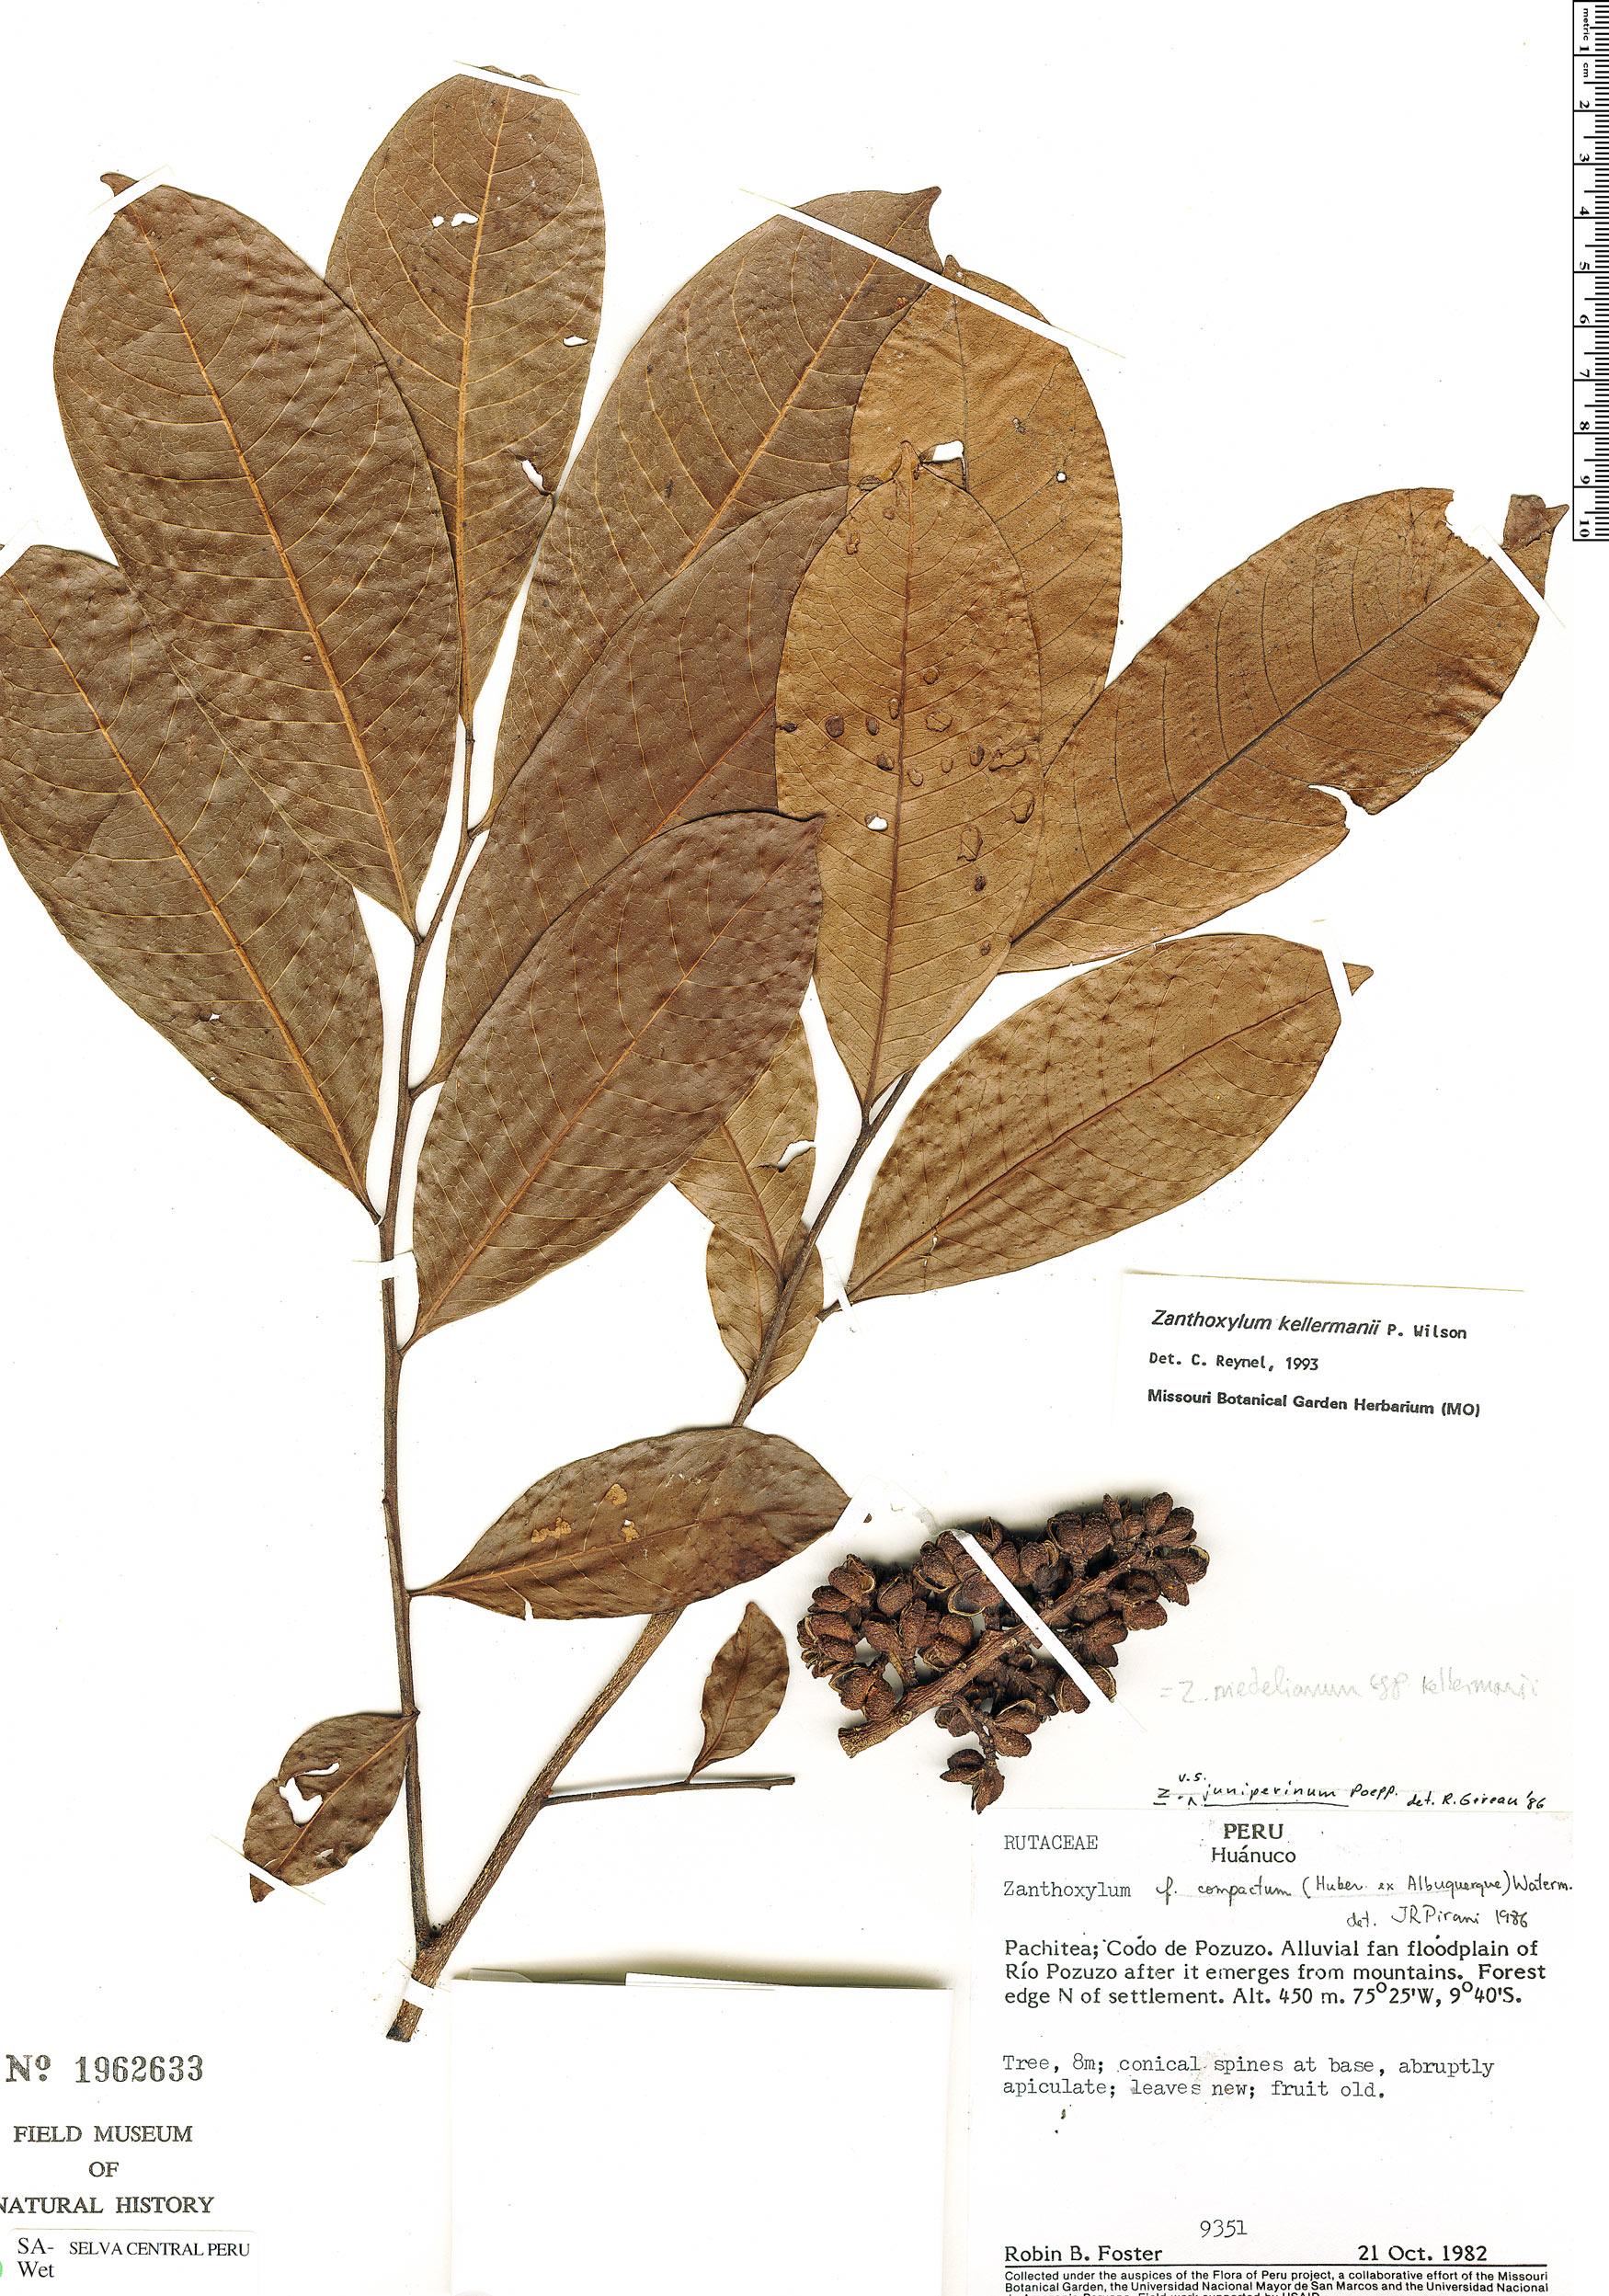 Specimen: Zanthoxylum riedelianum